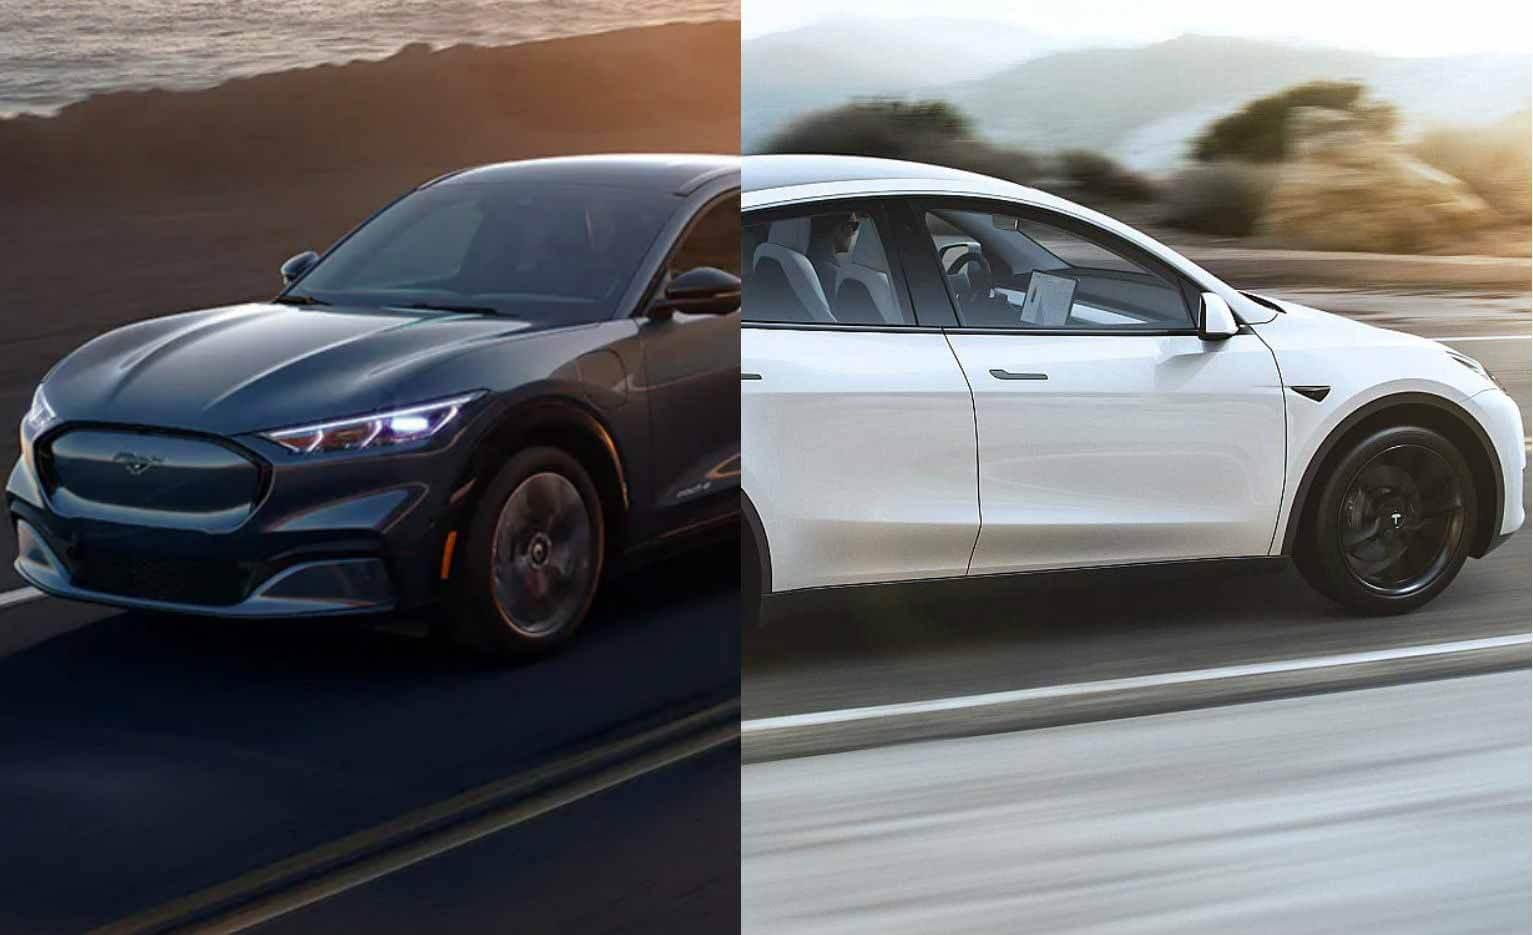 Конкурент Tesla Model Y Ford Mustang Mach-E рискует умереть преждевременной смертью